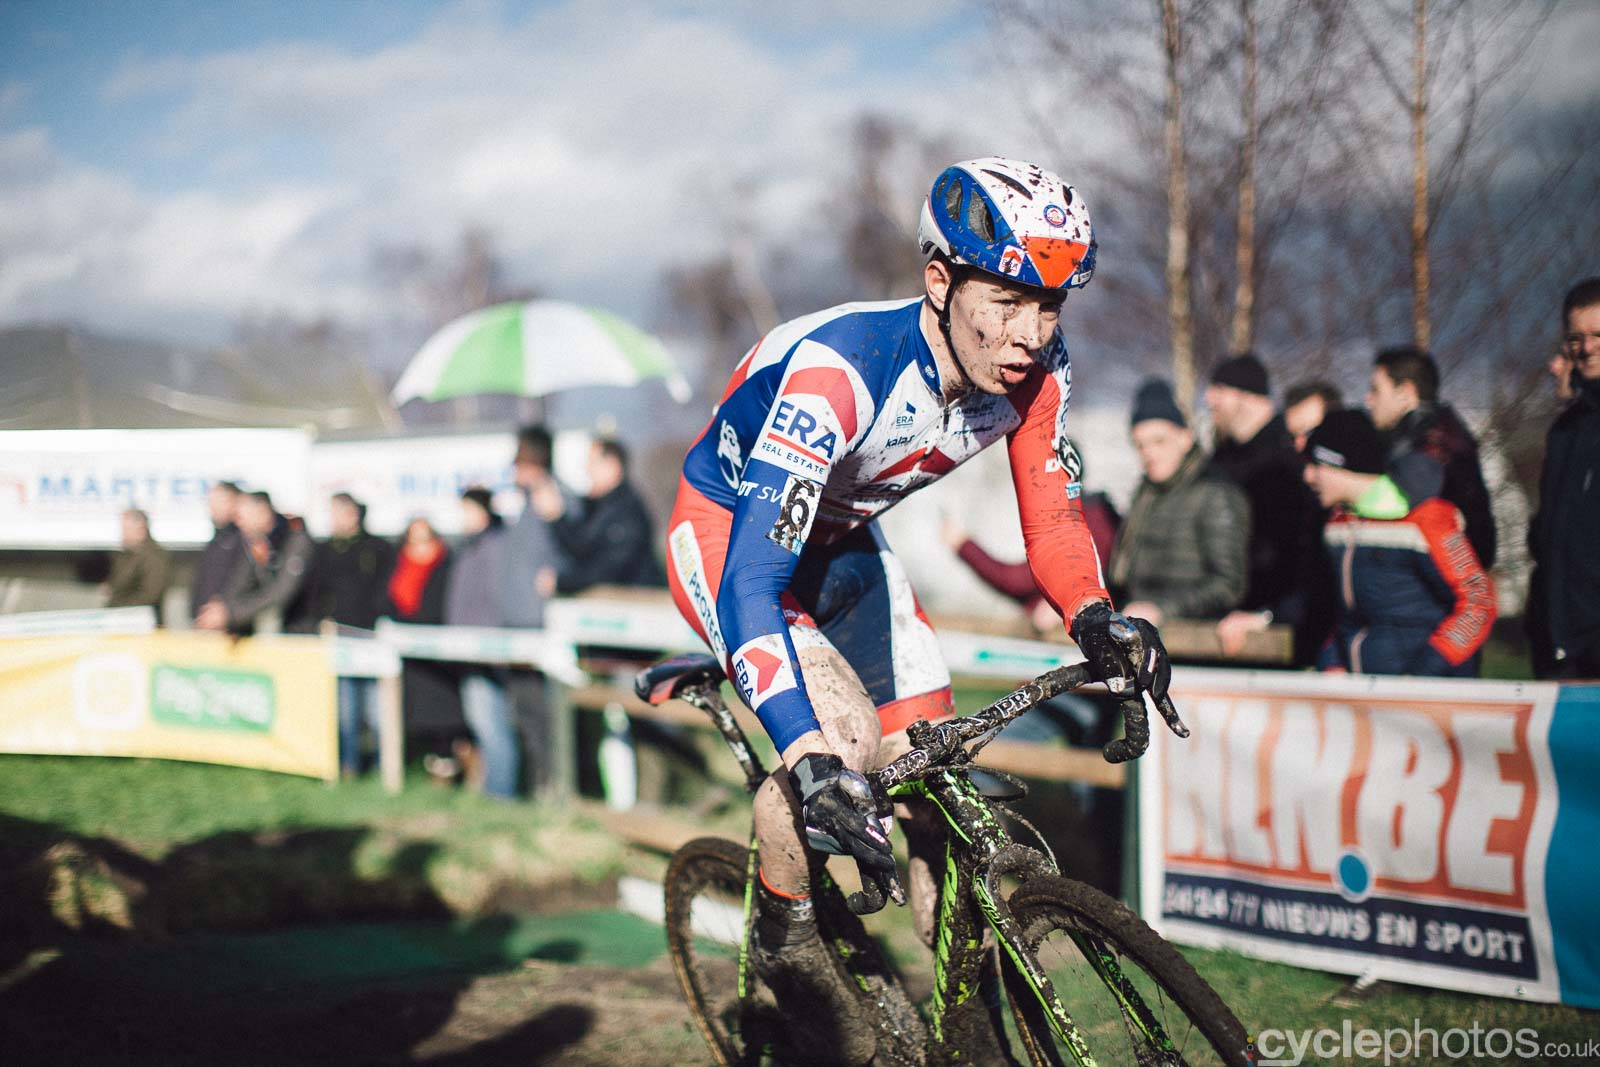 2016-cyclephotos-cyclocross-hoogstraten-151707-laurens-sweeck